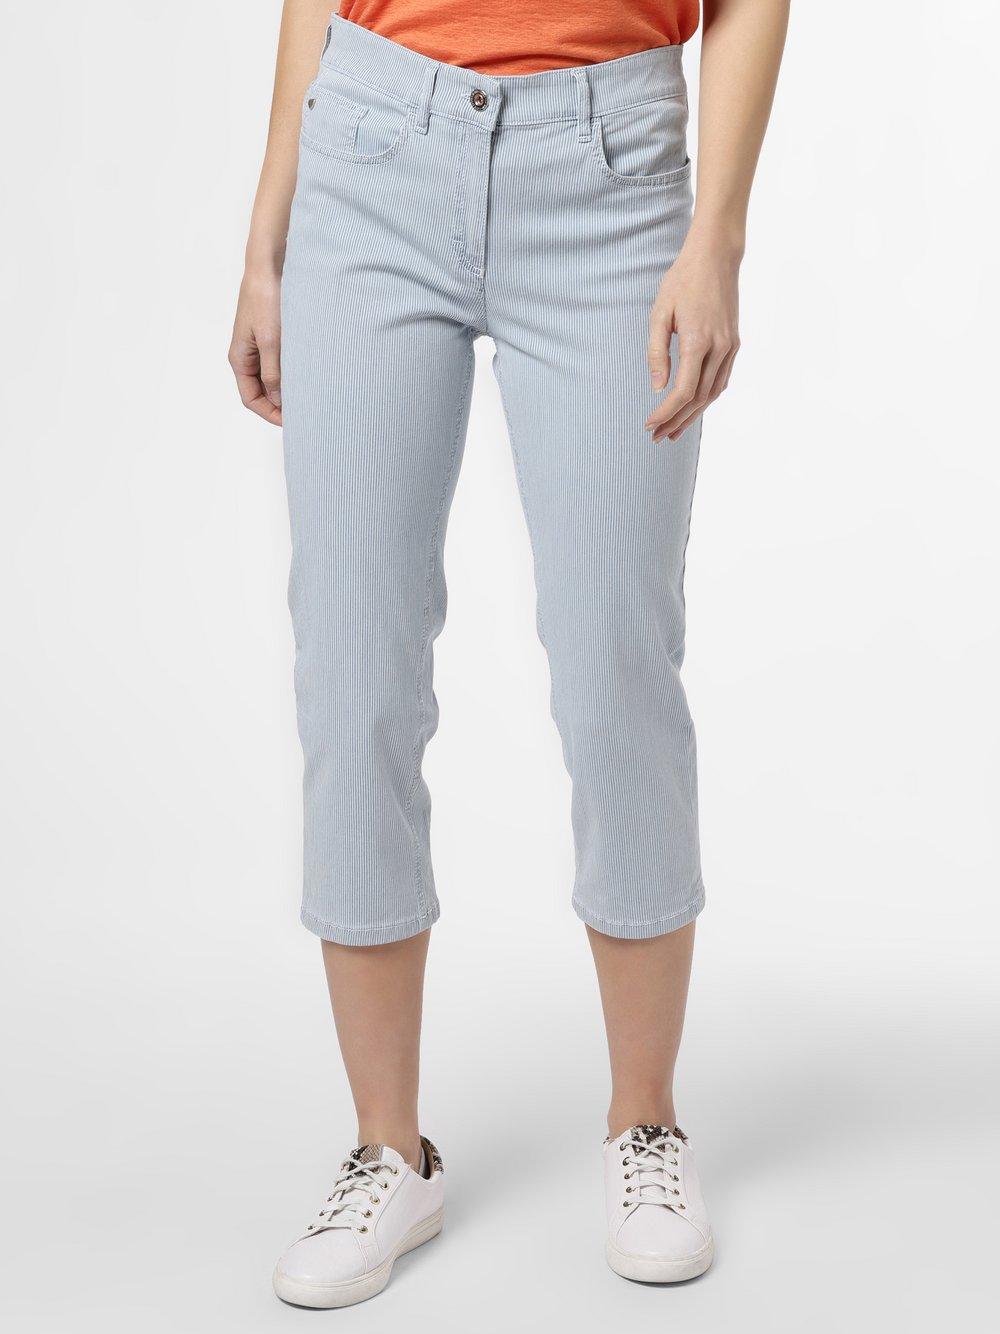 Zerres - Spodnie damskie – Cora, niebieski